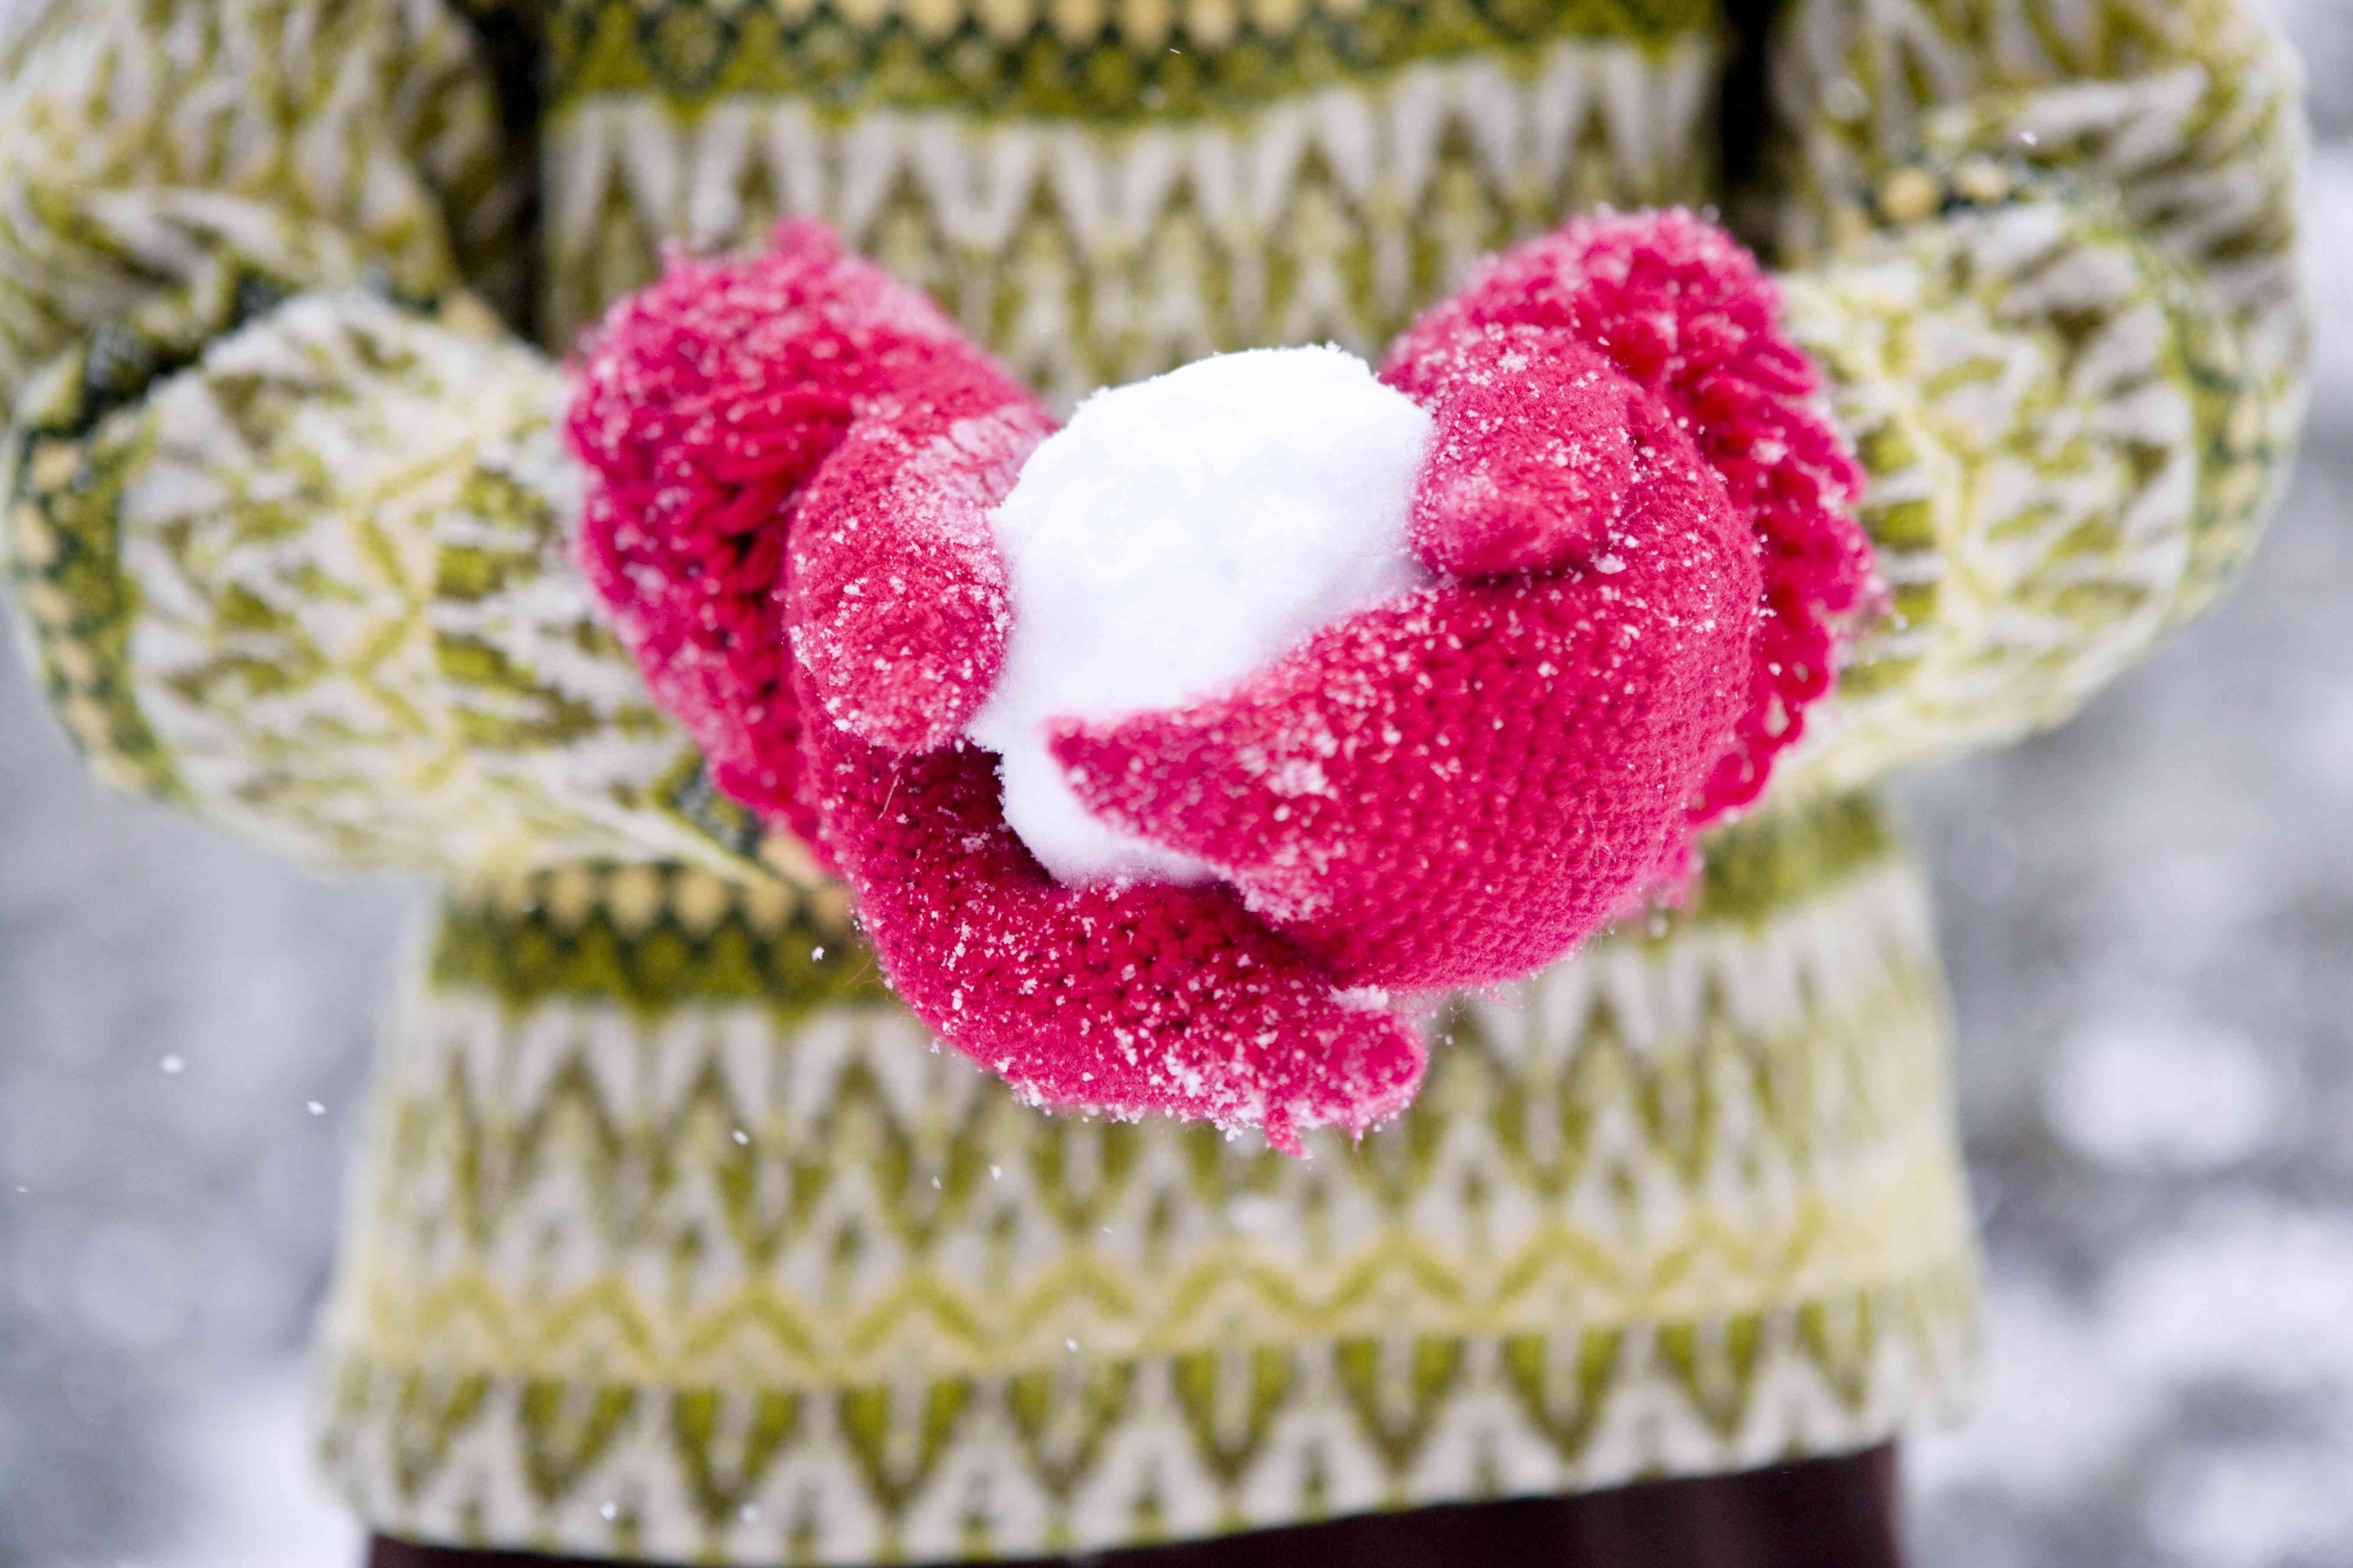 A woman making snowballs Sweden.